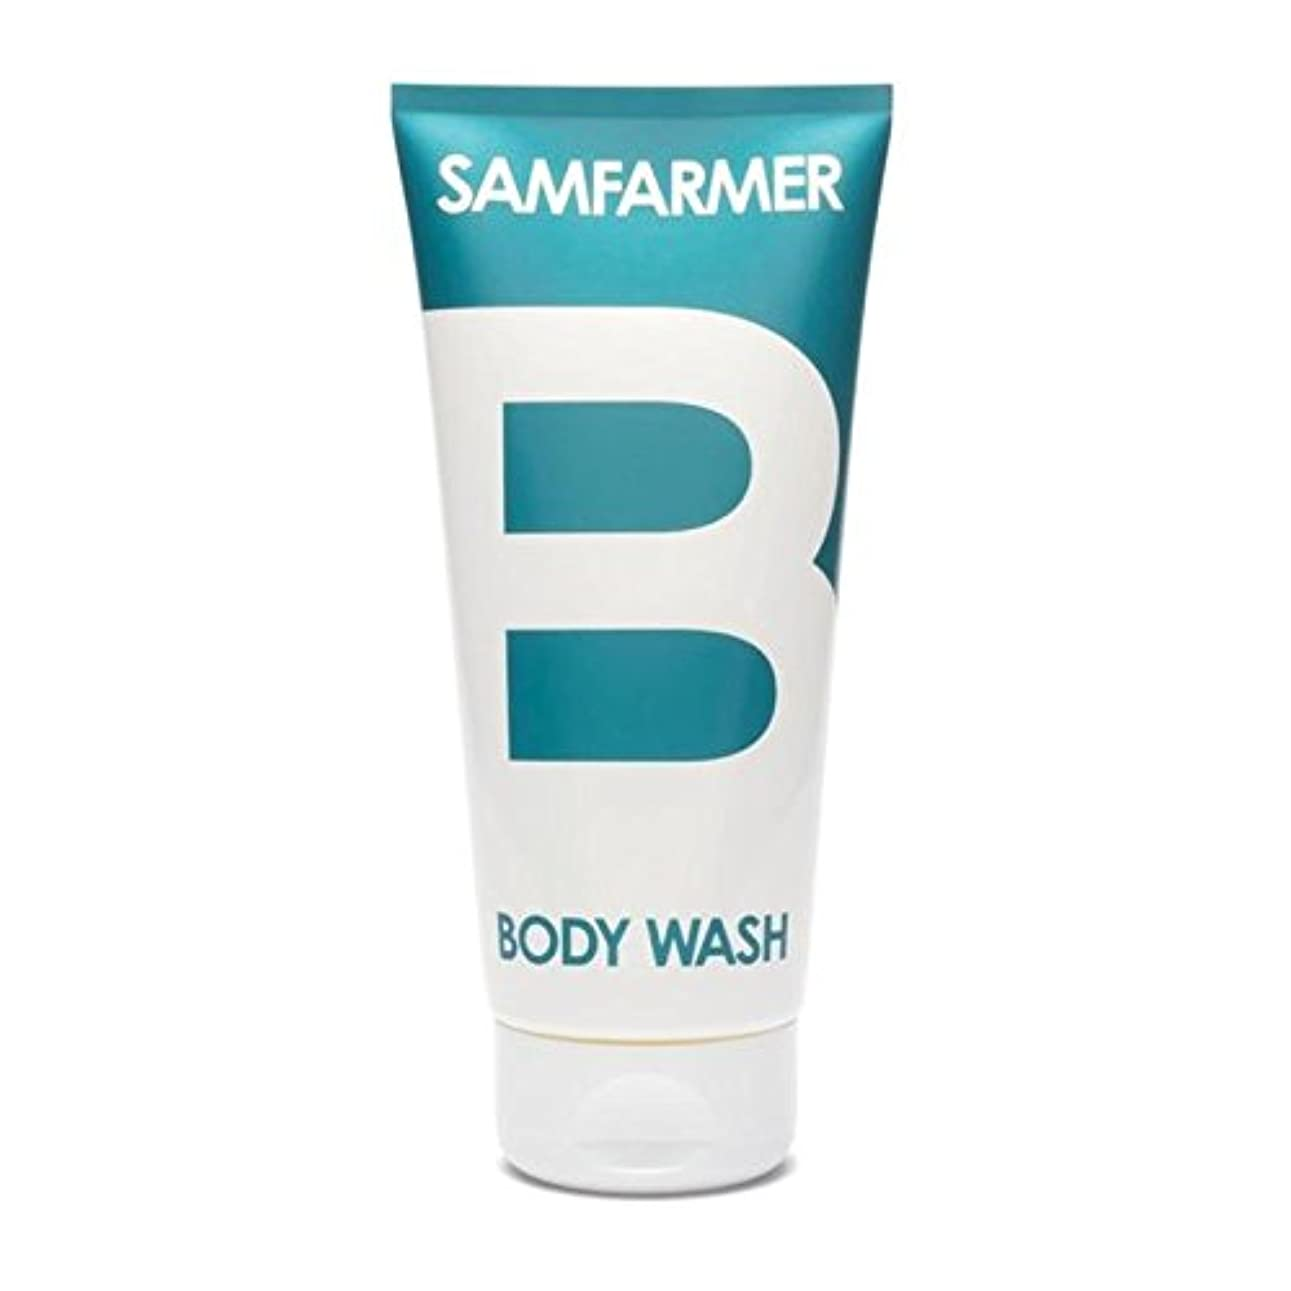 カリキュラム合併有害なSAMFARMER Unisex Body Wash 200ml - ユニセックスボディウォッシュ200ミリリットル [並行輸入品]